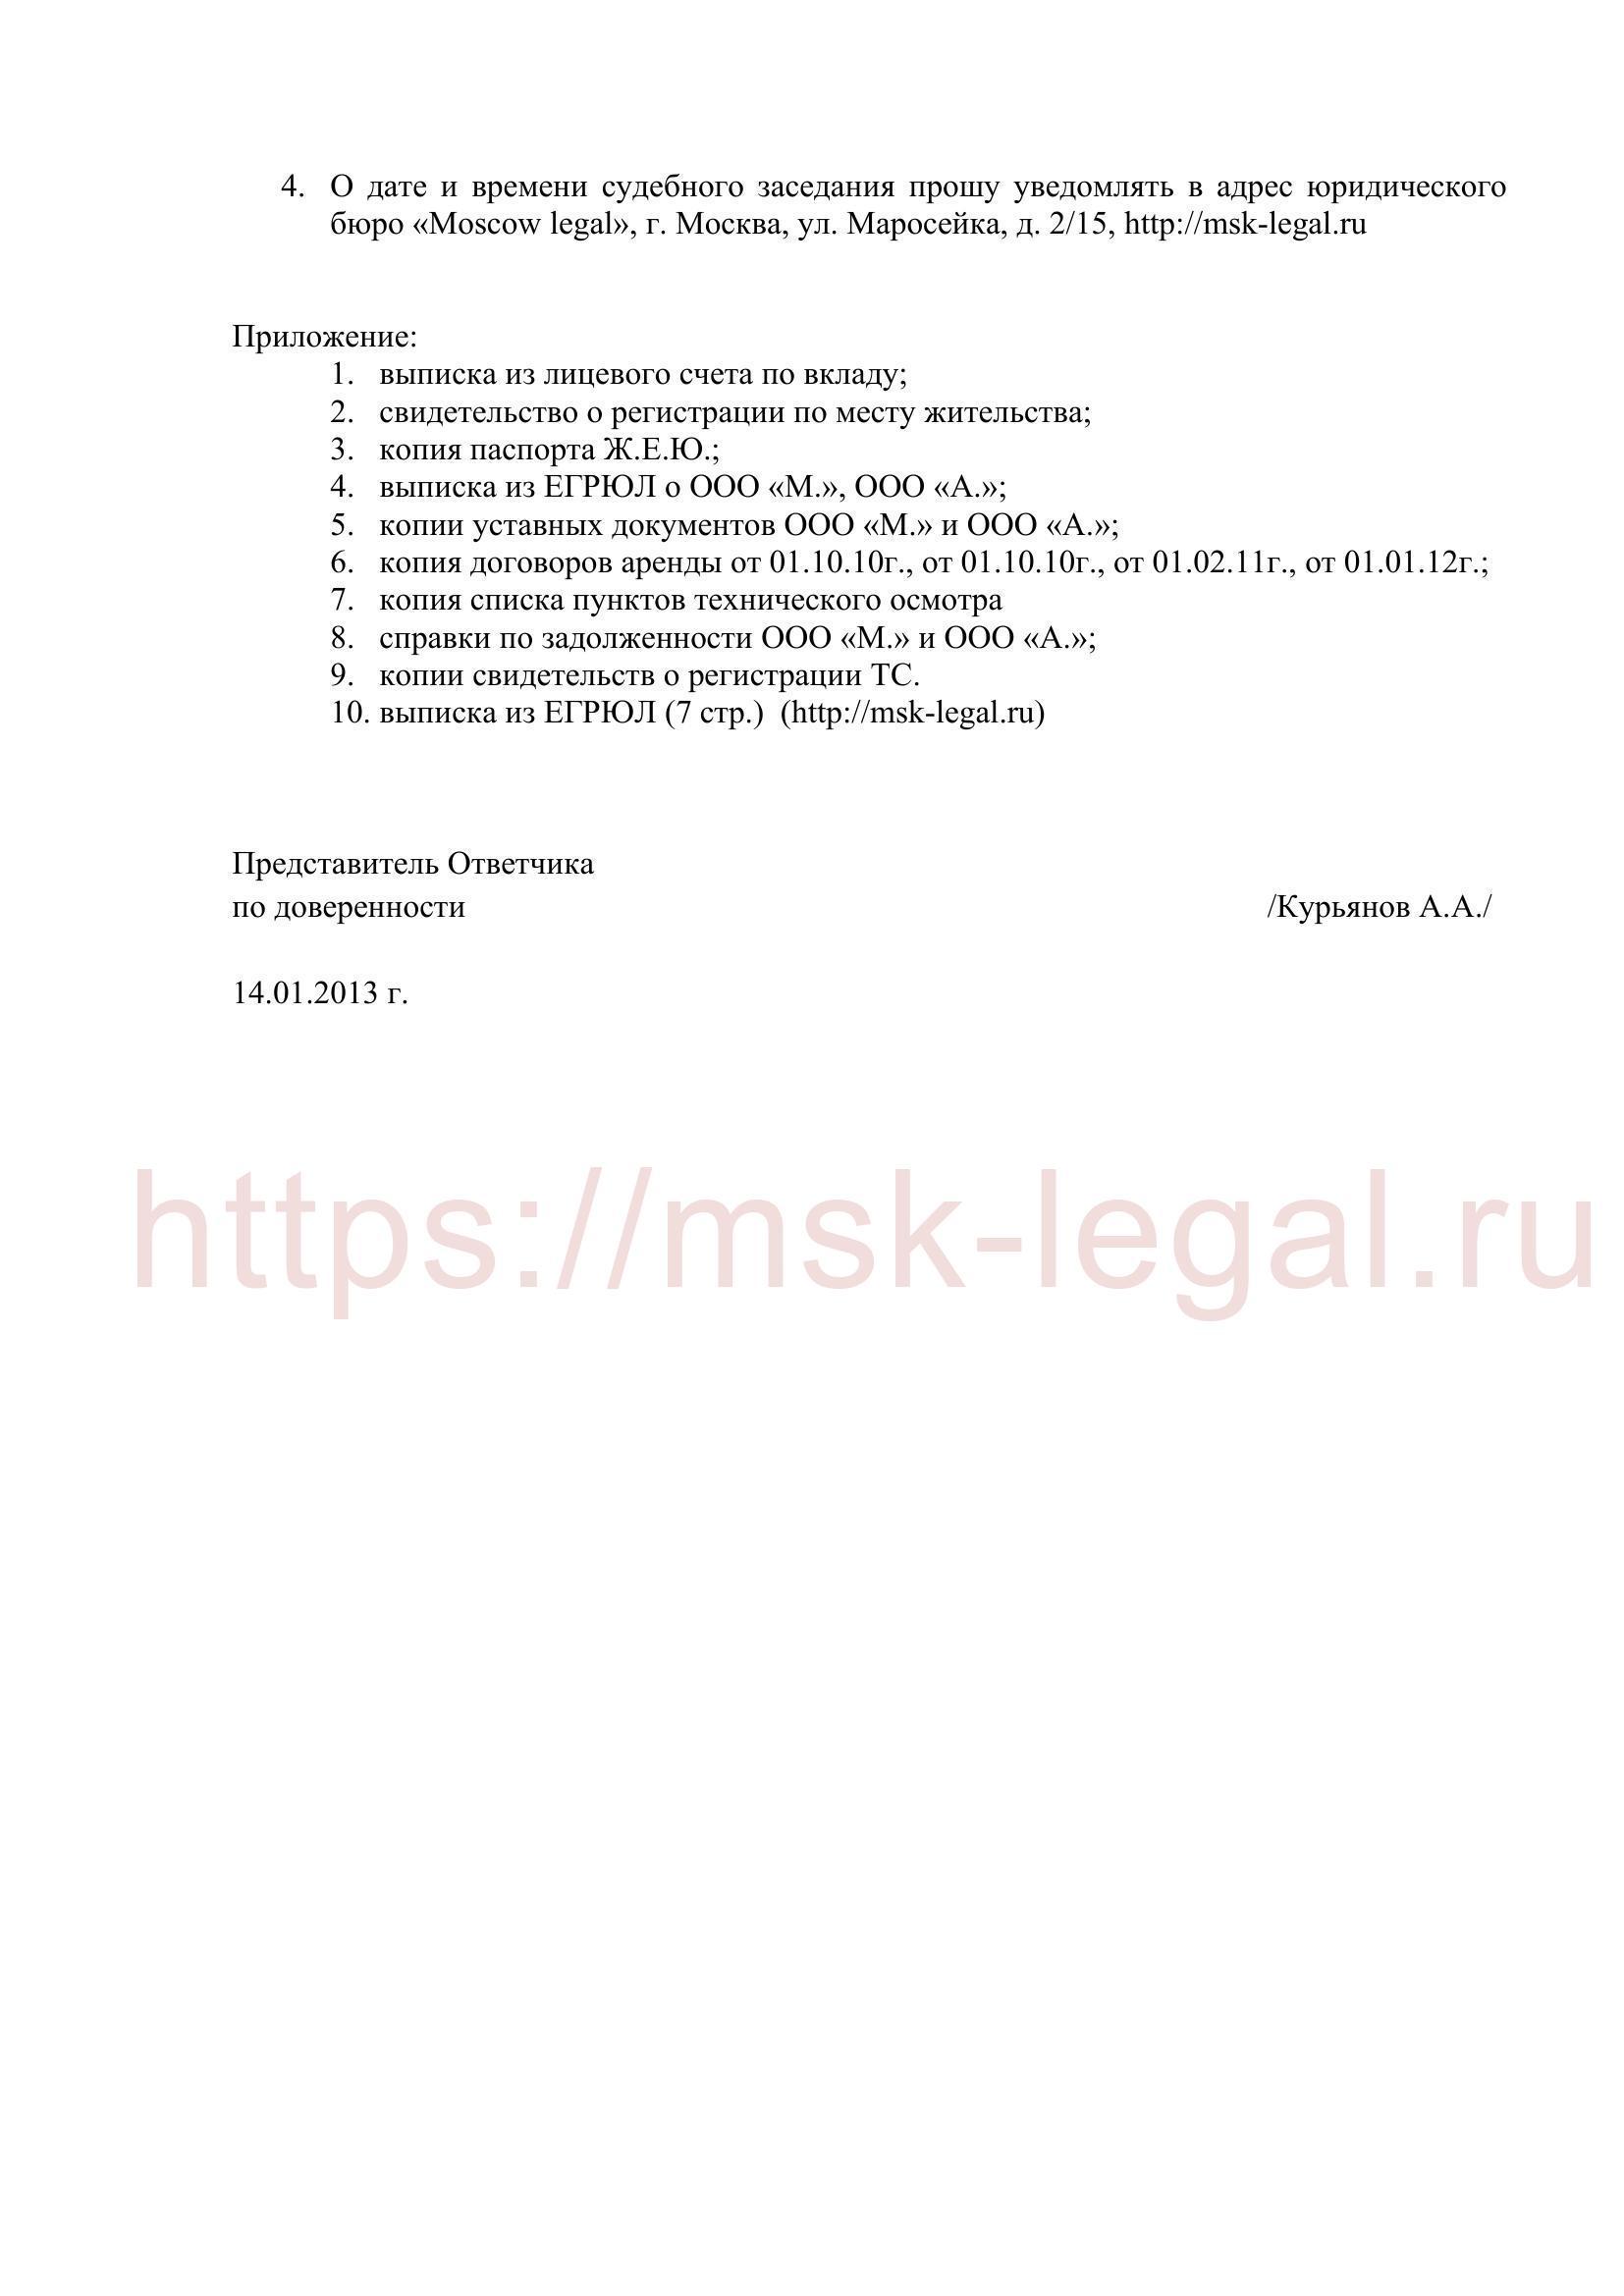 Заявление об оспаривании расписки по безденежности